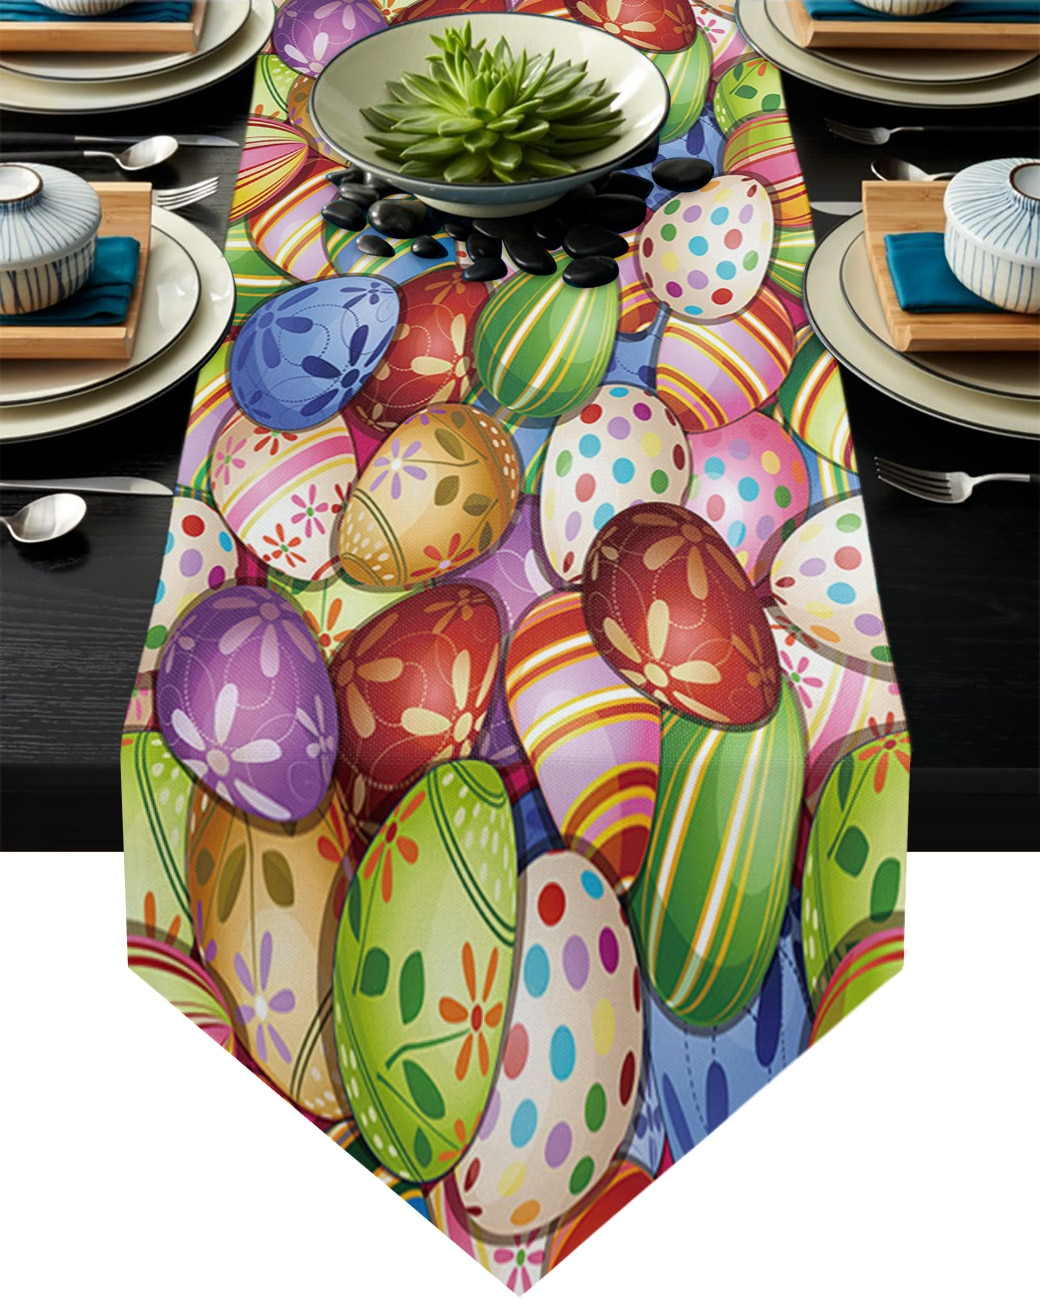 مفرش طاولة بنمط بيض عيد الفصح ، مفرش طاولة ، مفرش طاولة ، زينة زفاف